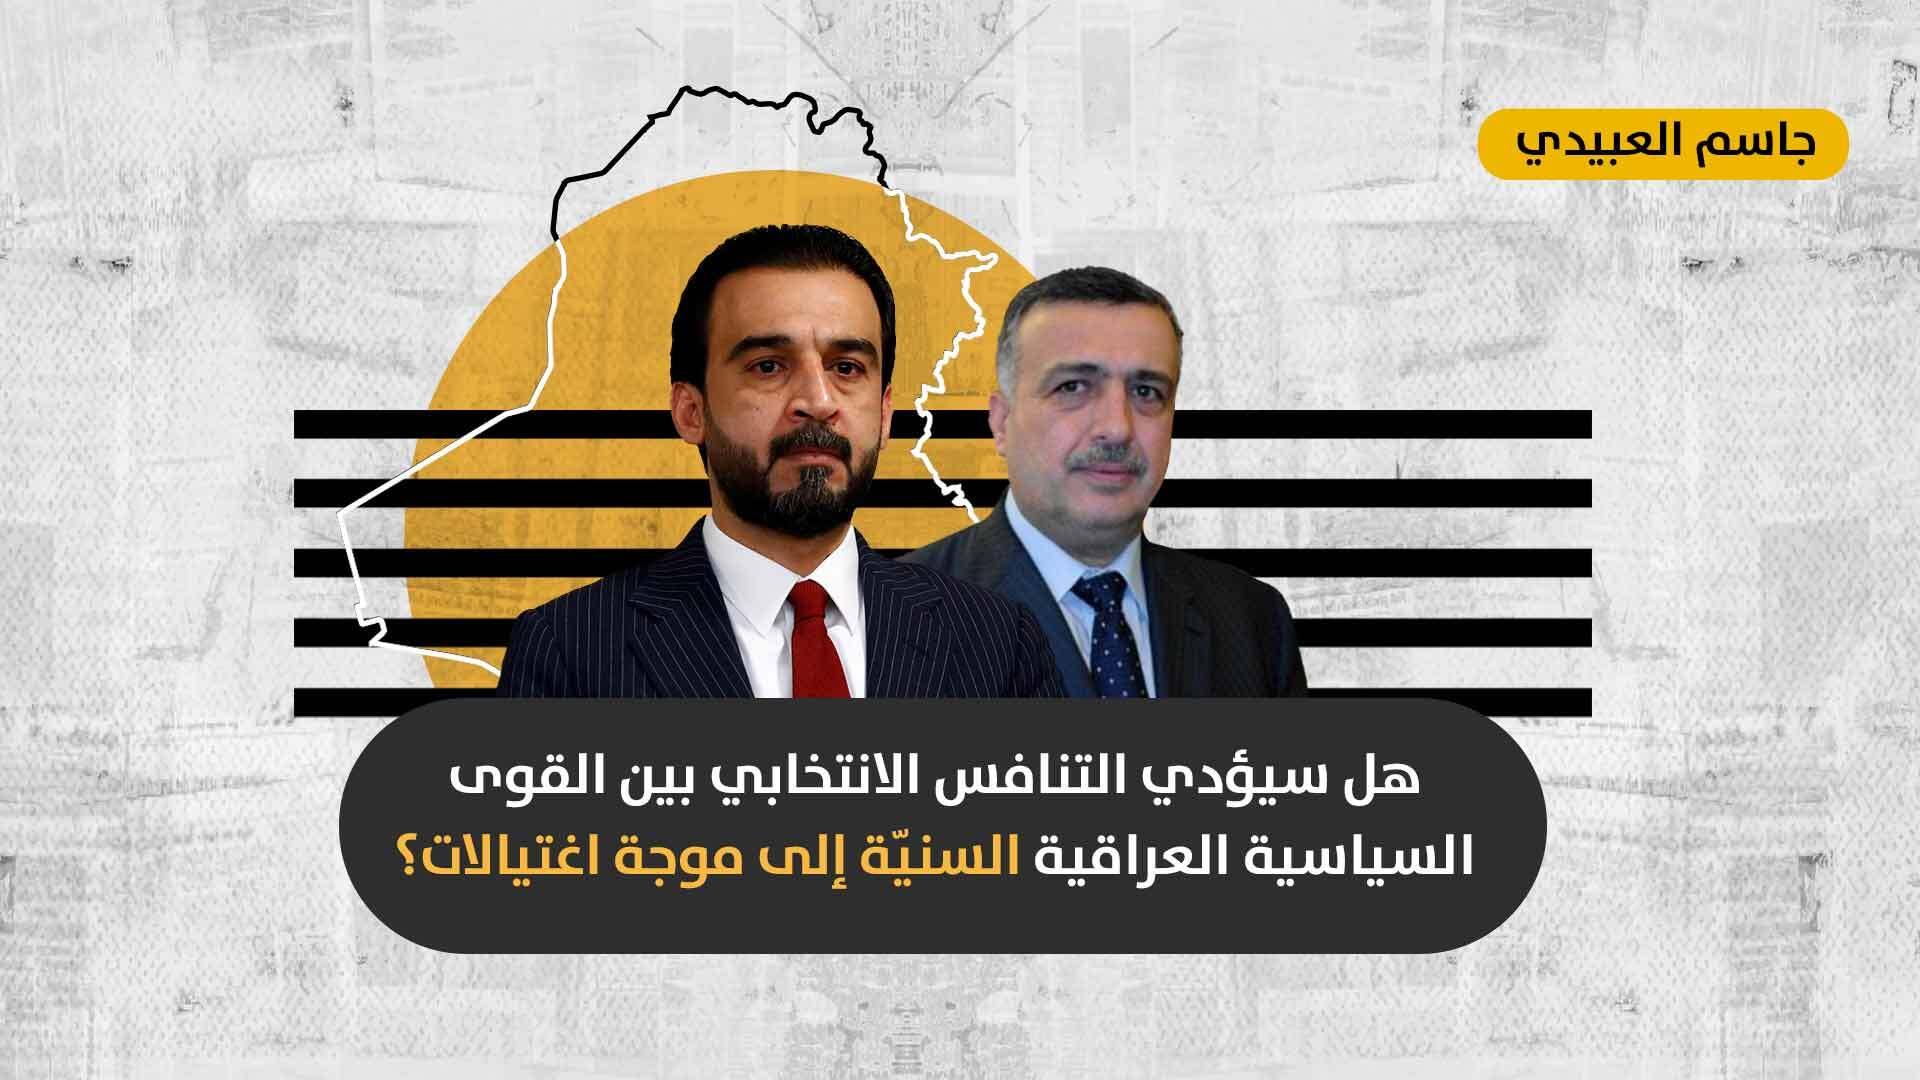 الصراع بين القوى السنيّة في العراق: تنافس انتخابي مشروع أم عنف سياسي واستهداف لشخصيات بارزة؟